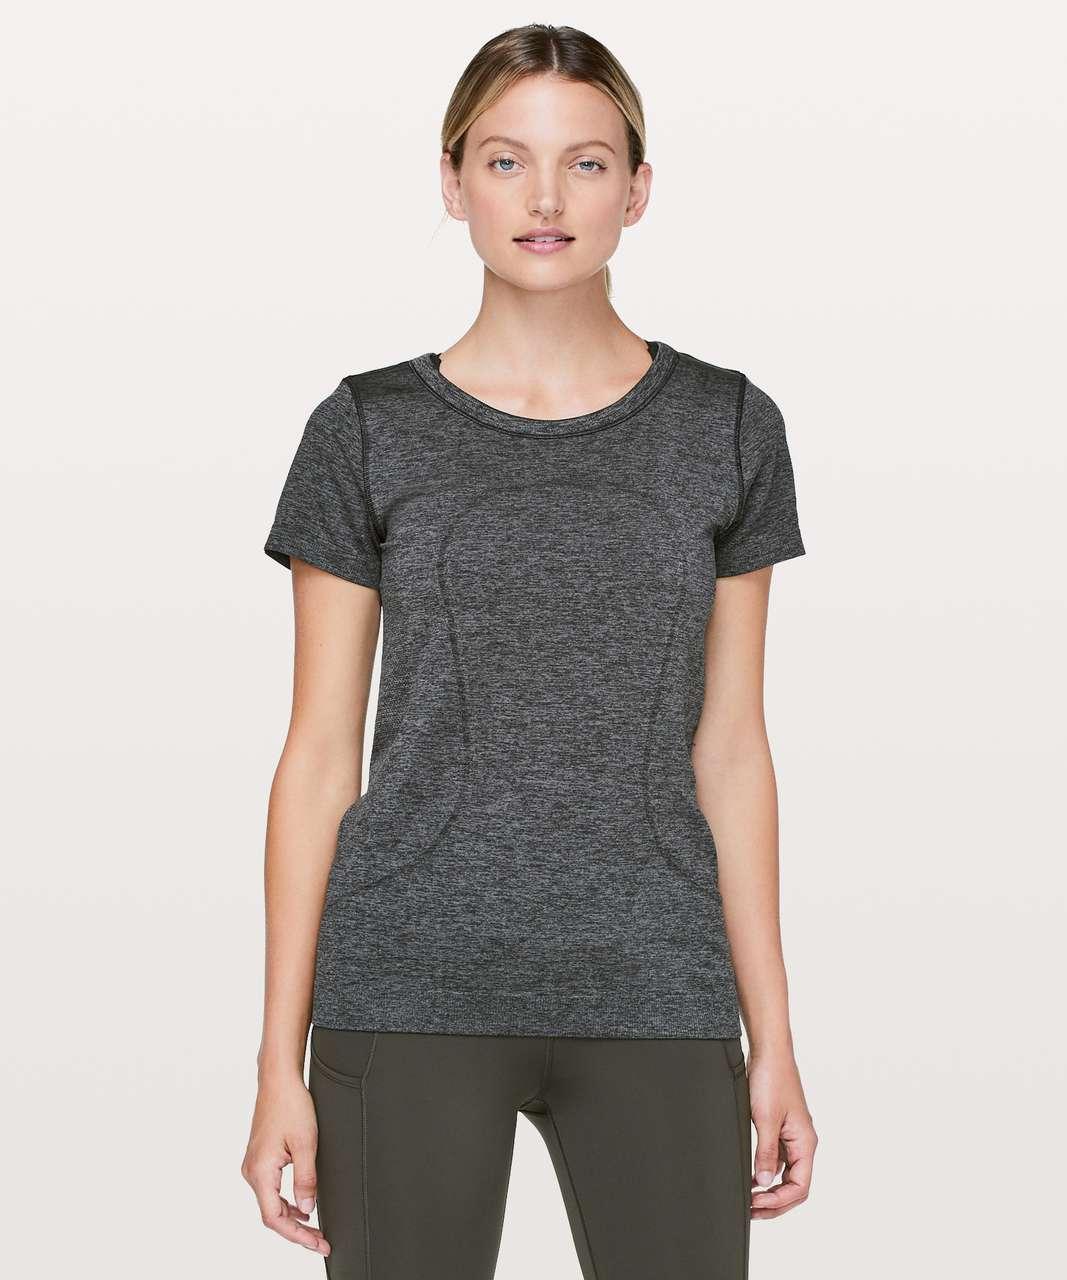 Lululemon Grey short sleeve workout shirt